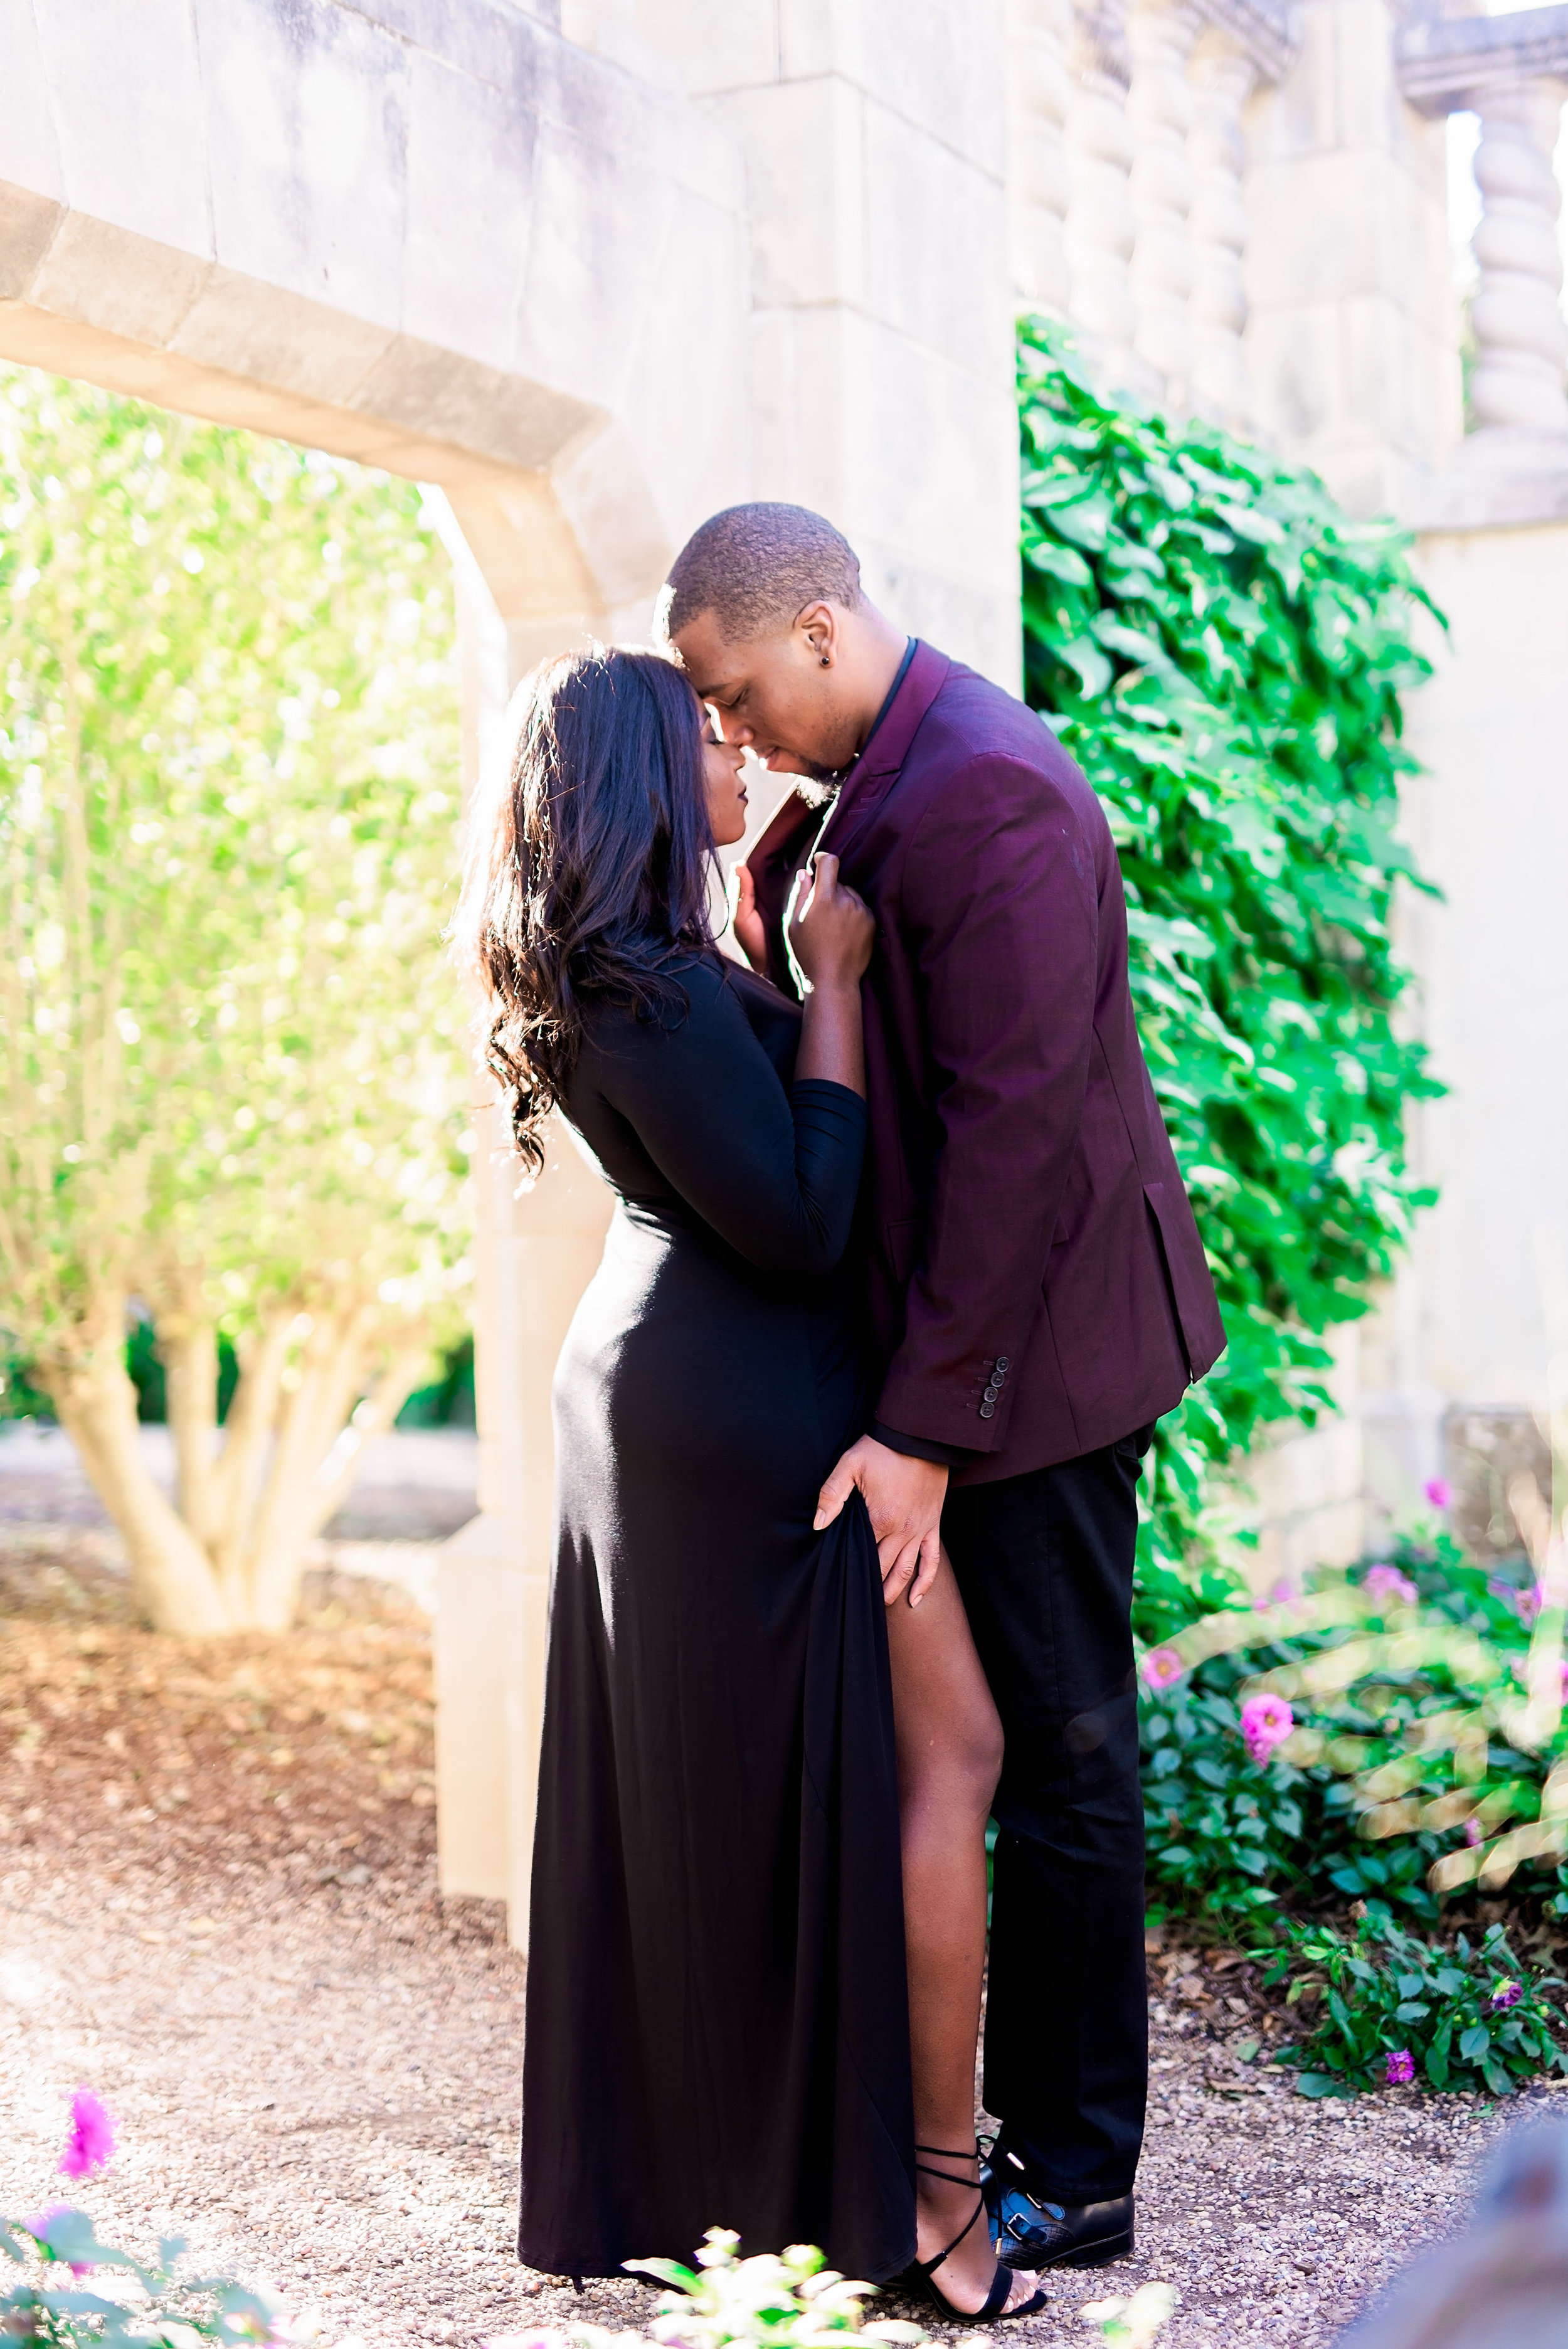 Kevin-Adriana-Pharris-Photography-Engagement-Photoshoot-7.jpg